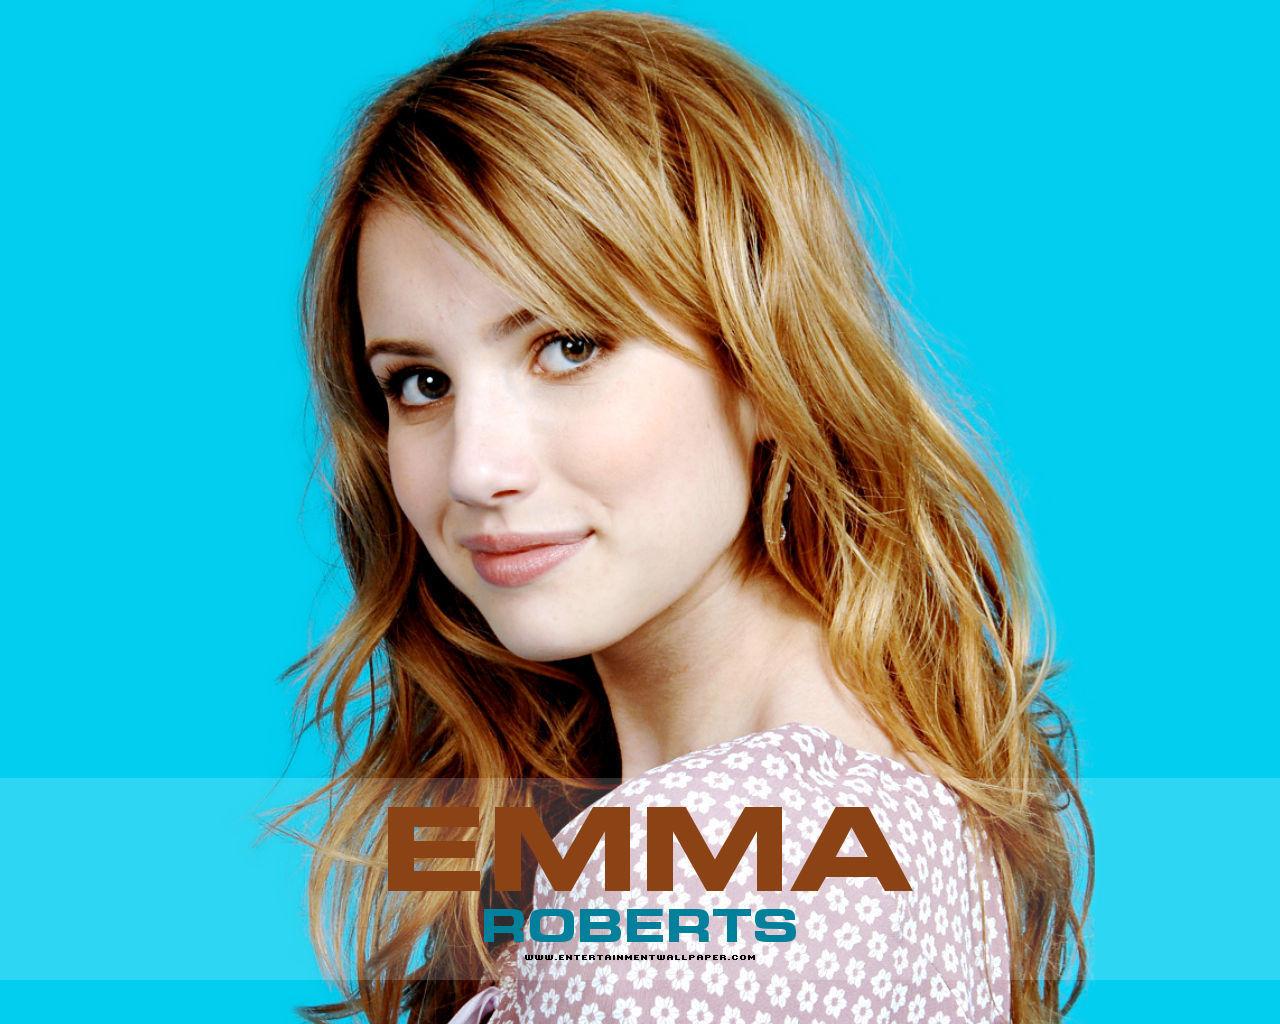 emma roberts wallpaper